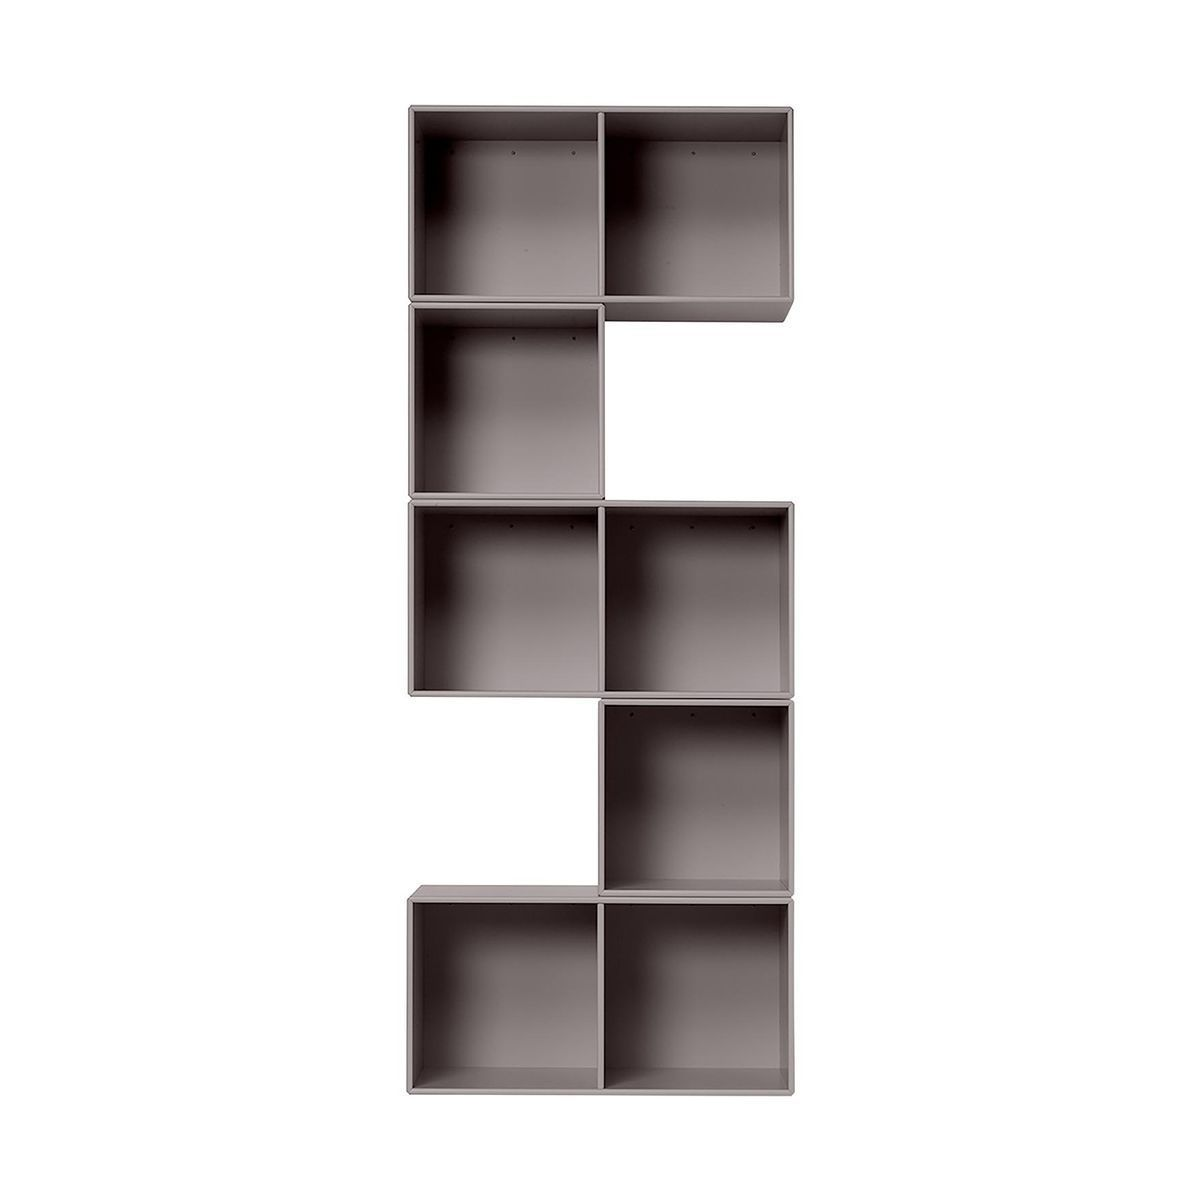 bend wandregal h 177cm montana. Black Bedroom Furniture Sets. Home Design Ideas